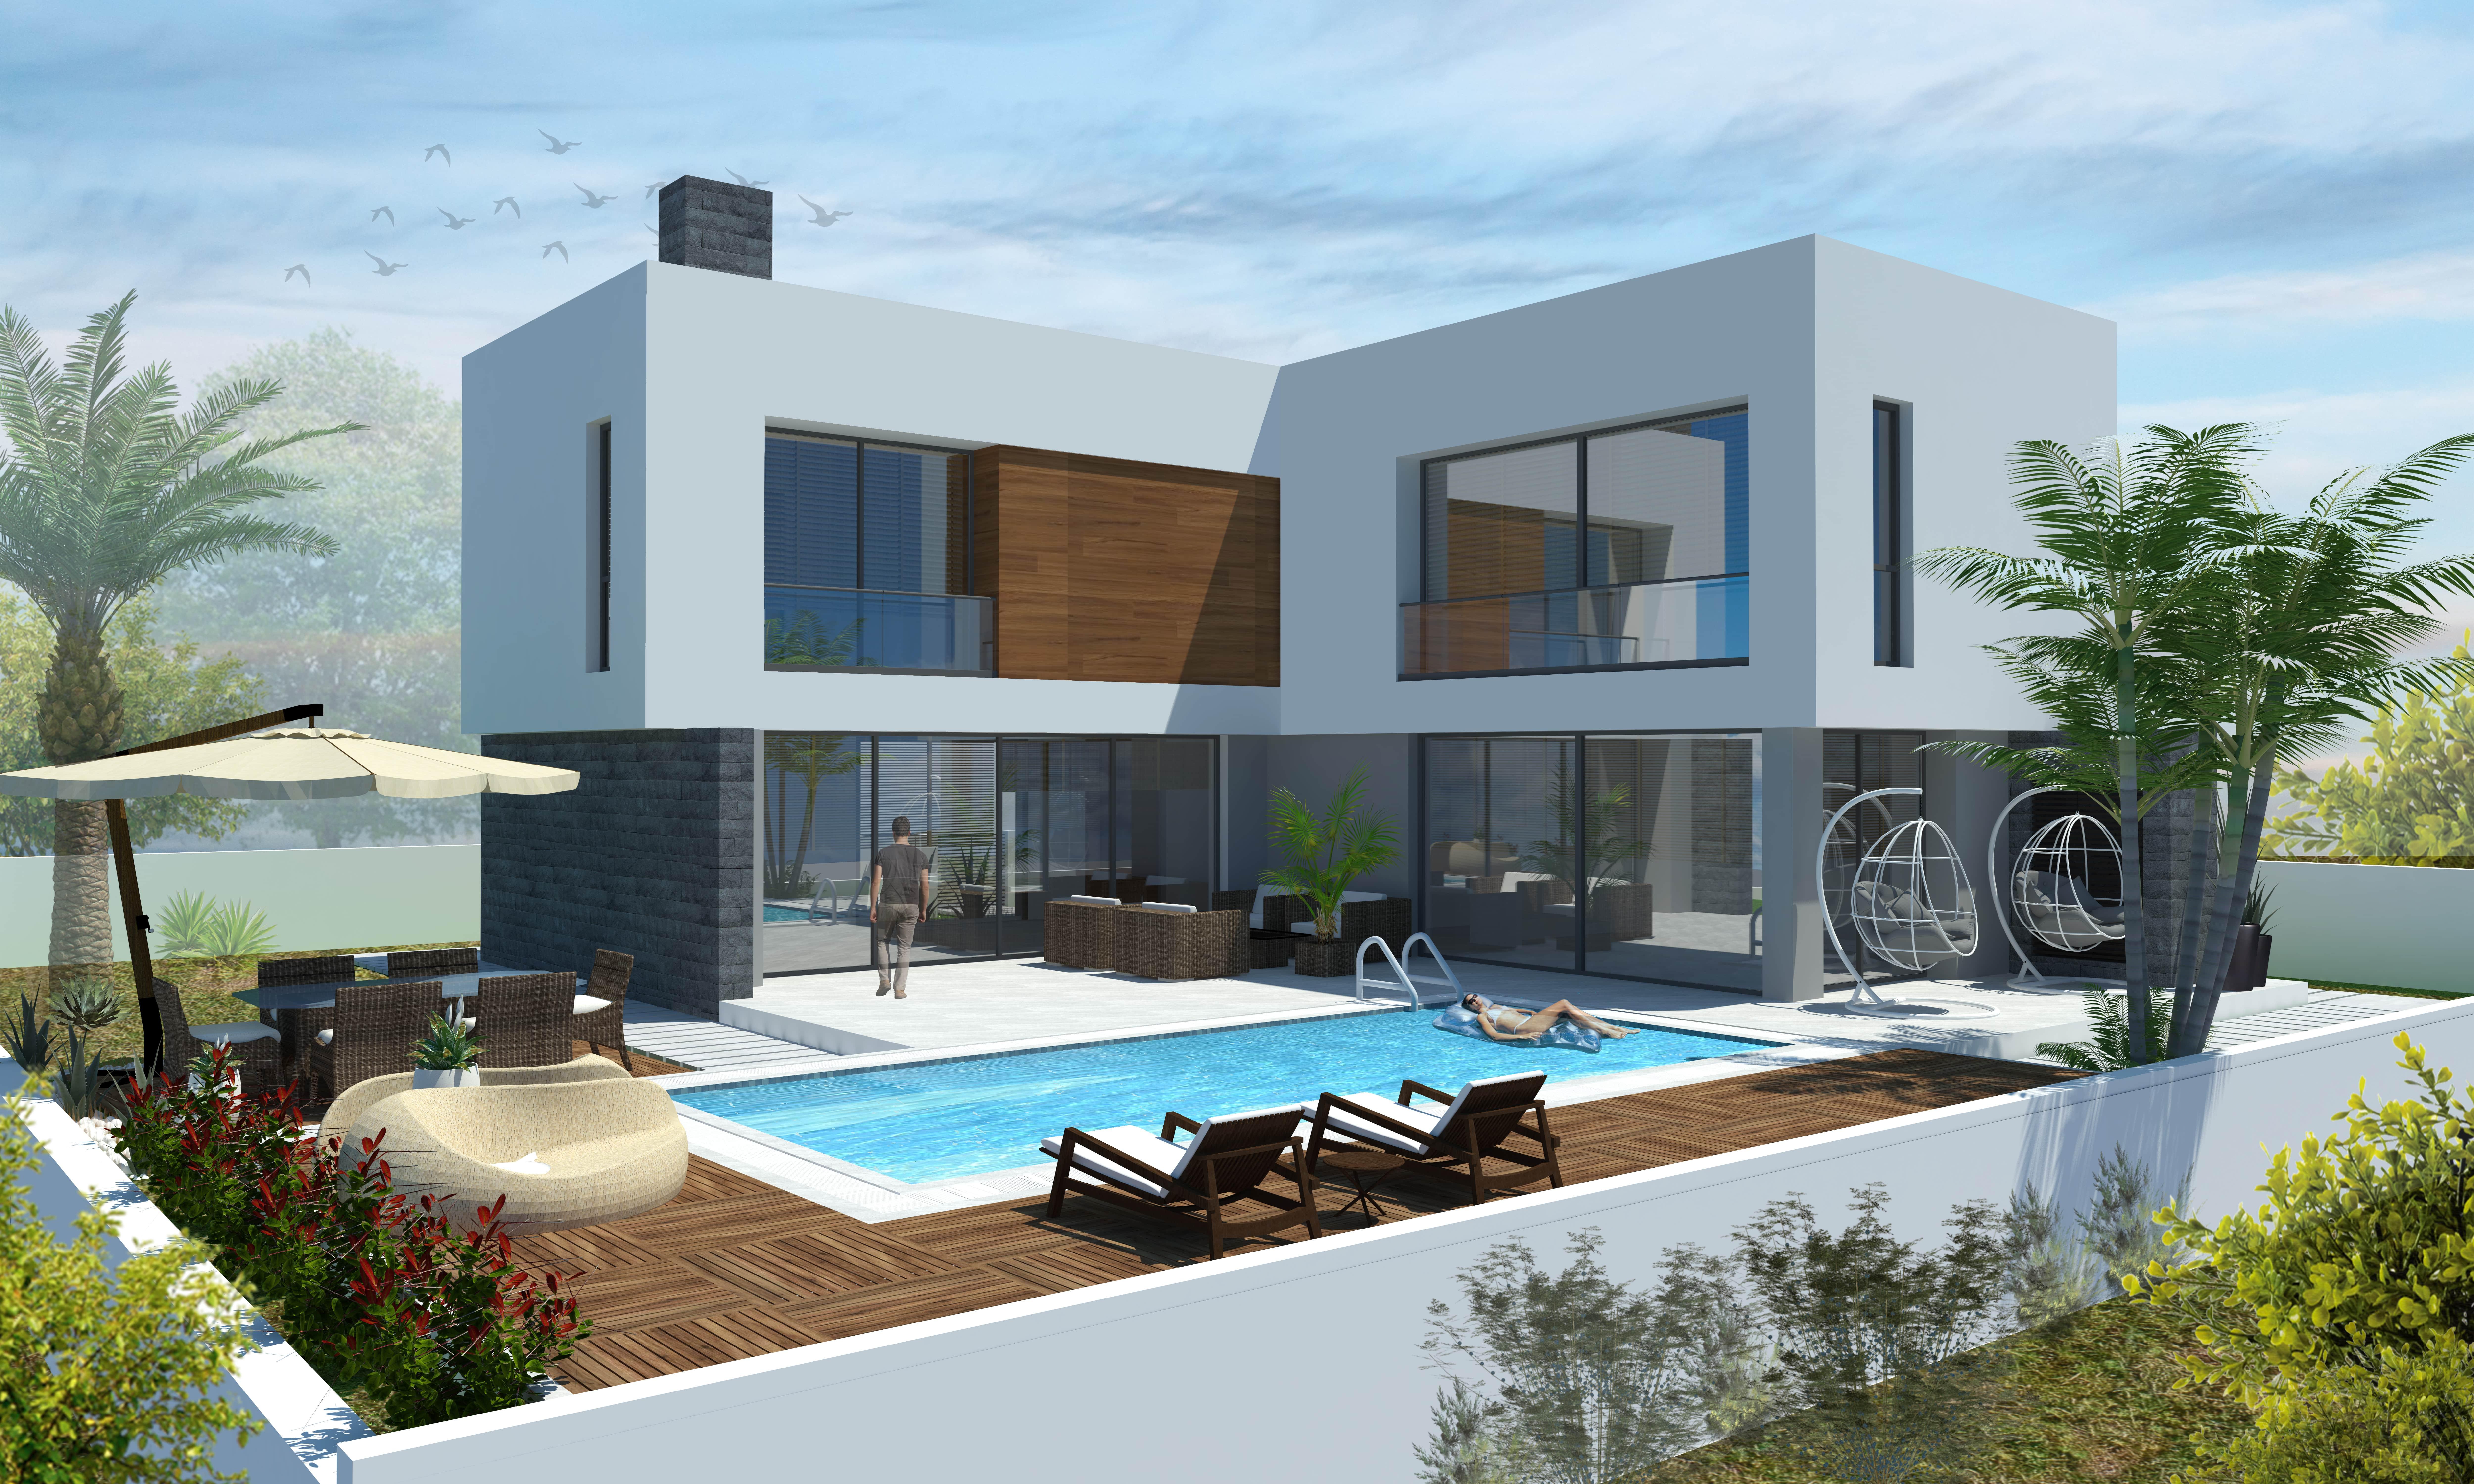 Çatalköy'de Satılık 4 Yatak Odalı ve Özel Havuzlu Lüks Villalar 7948